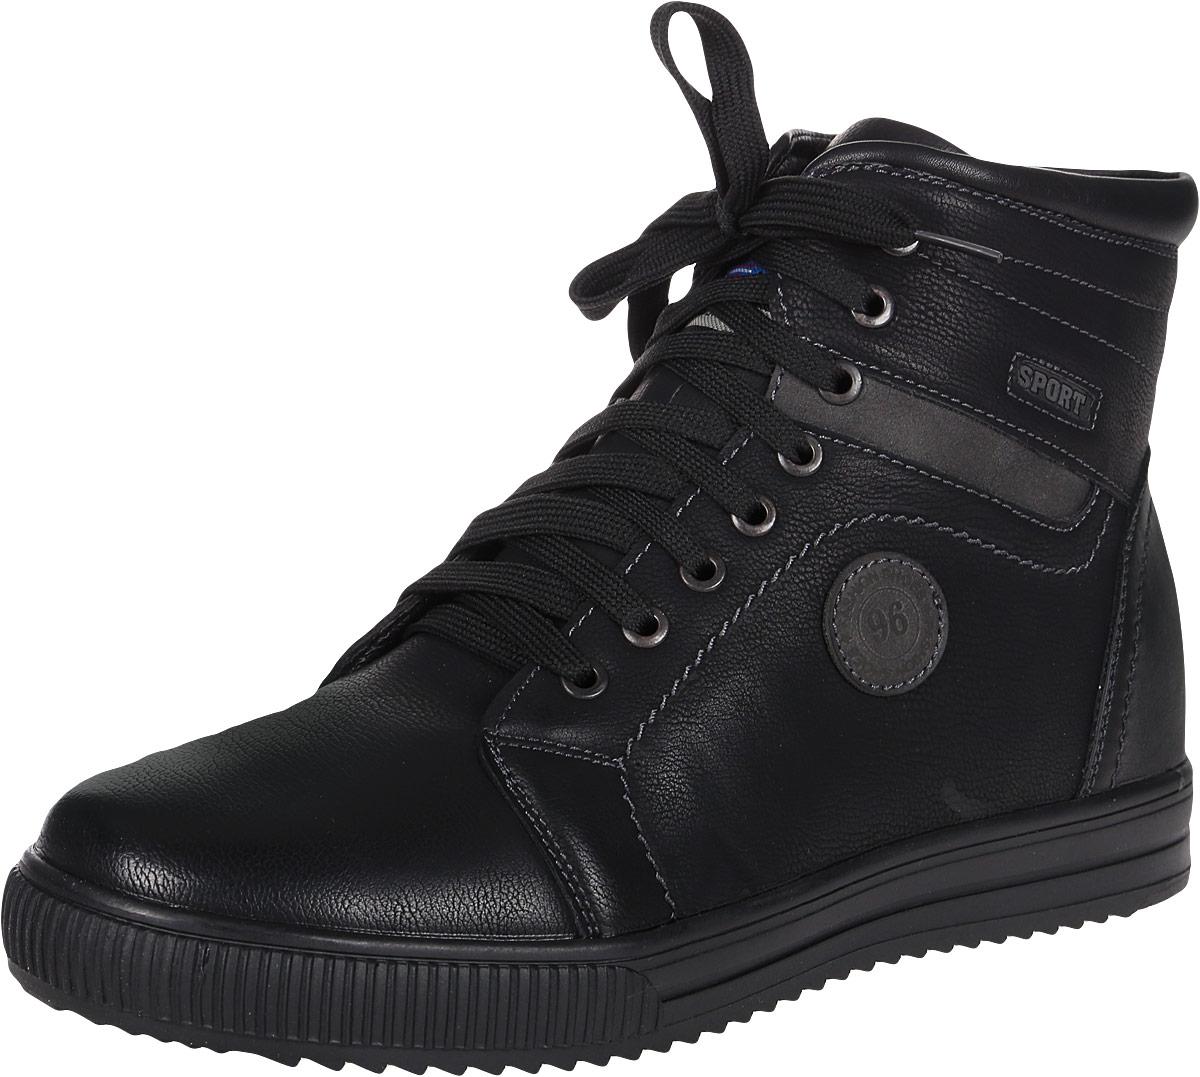 Ботинки GC Flois ботинки для мальчика gc flois цвет темно коричневый fl mt11205 btb 6 размер 31